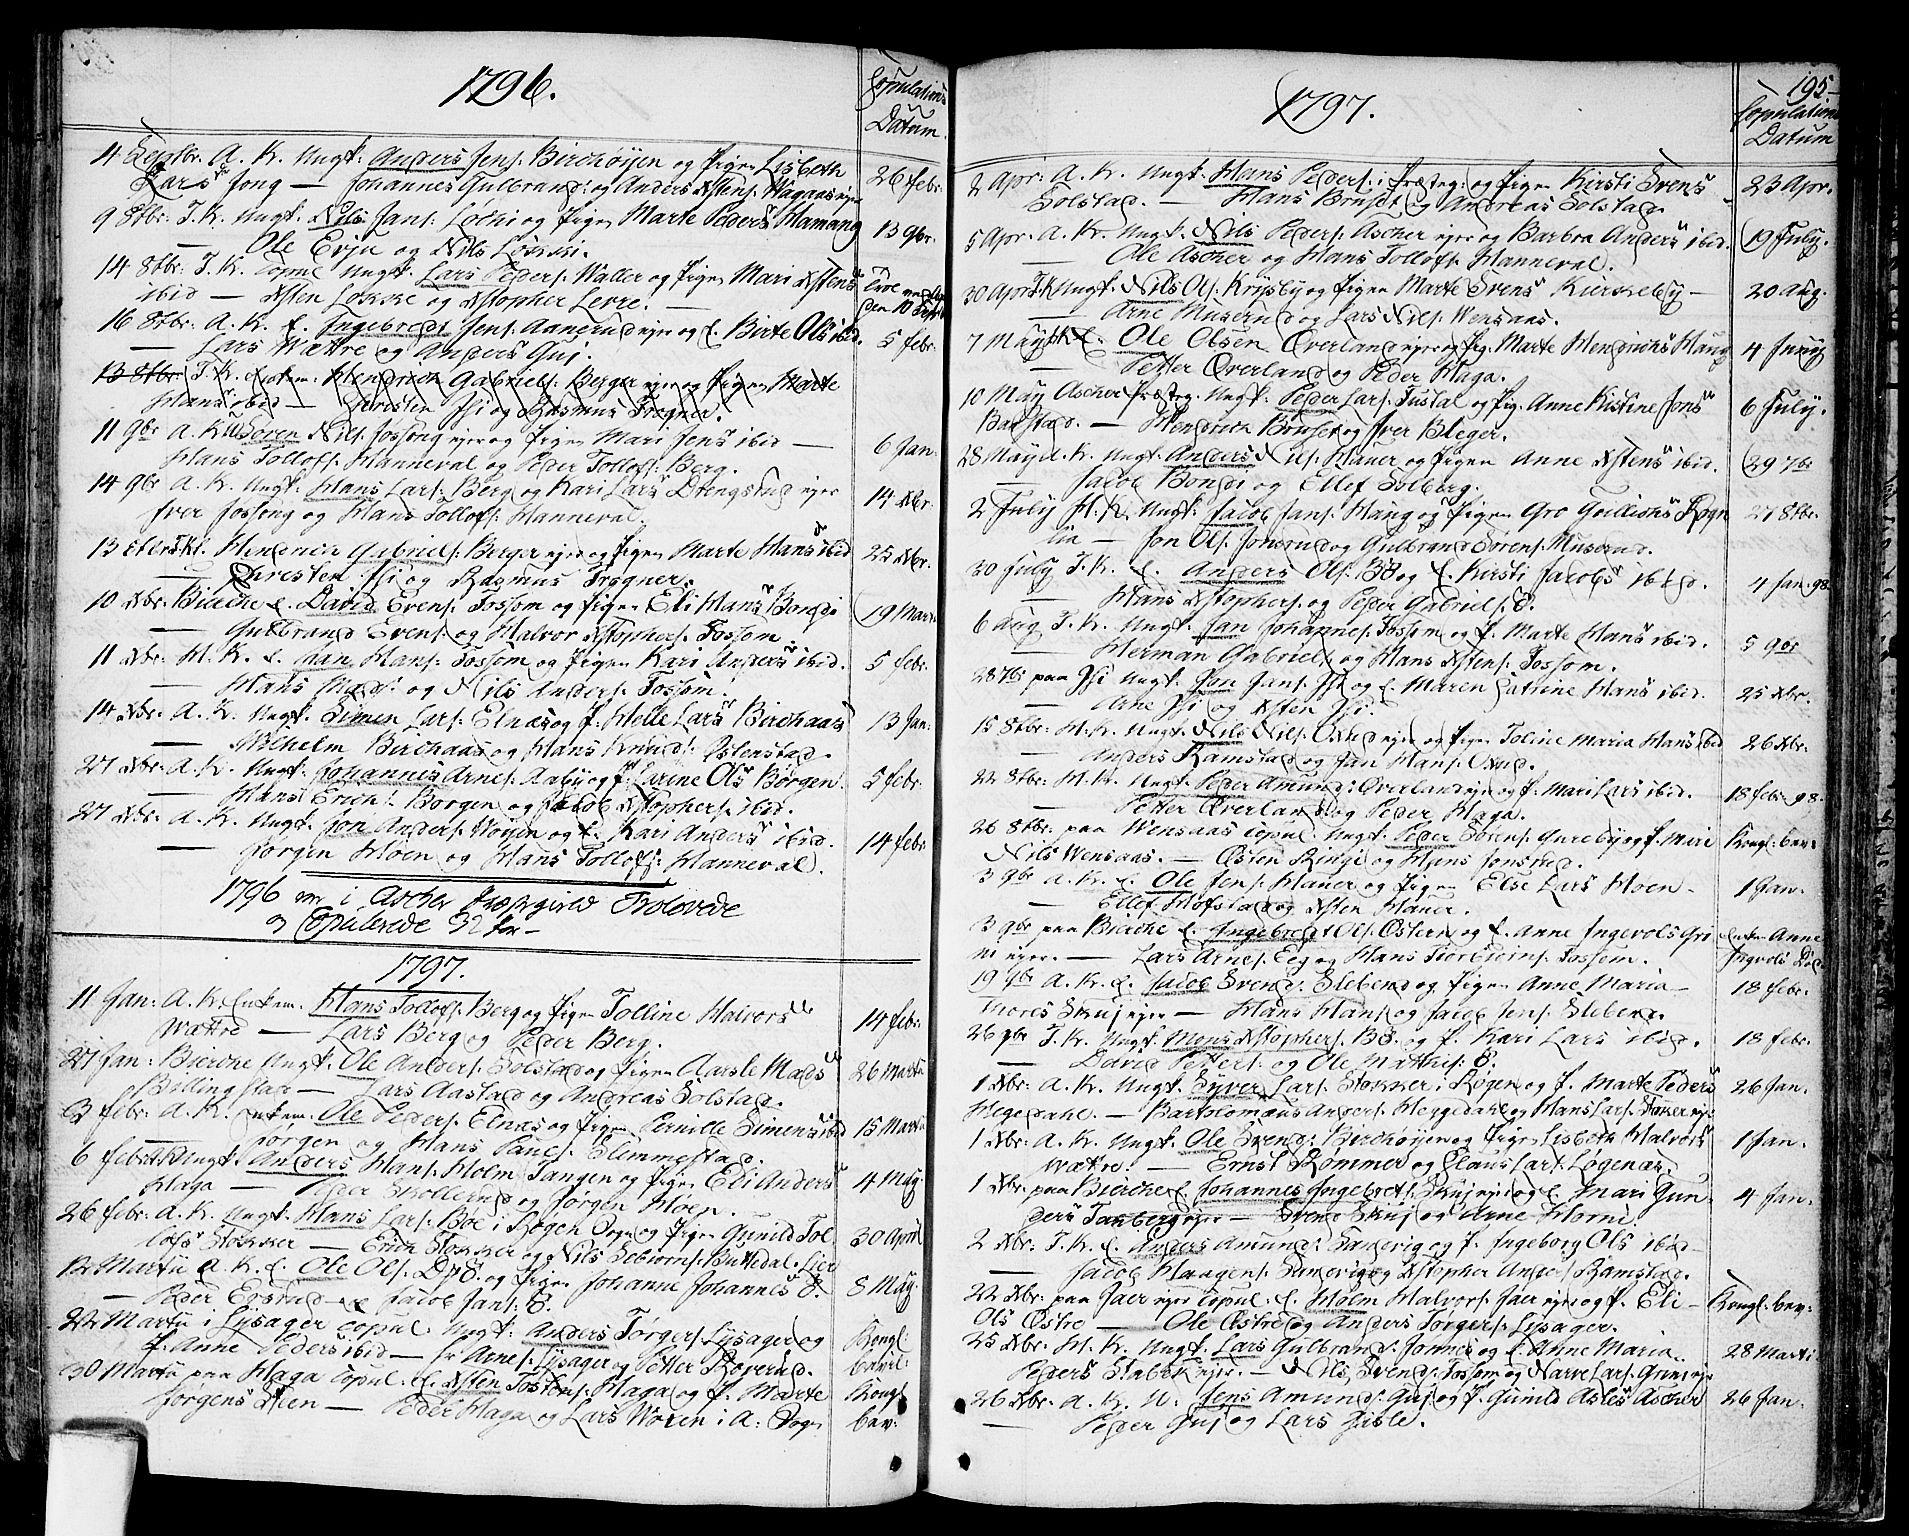 SAO, Asker prestekontor Kirkebøker, F/Fa/L0003: Ministerialbok nr. I 3, 1767-1807, s. 195